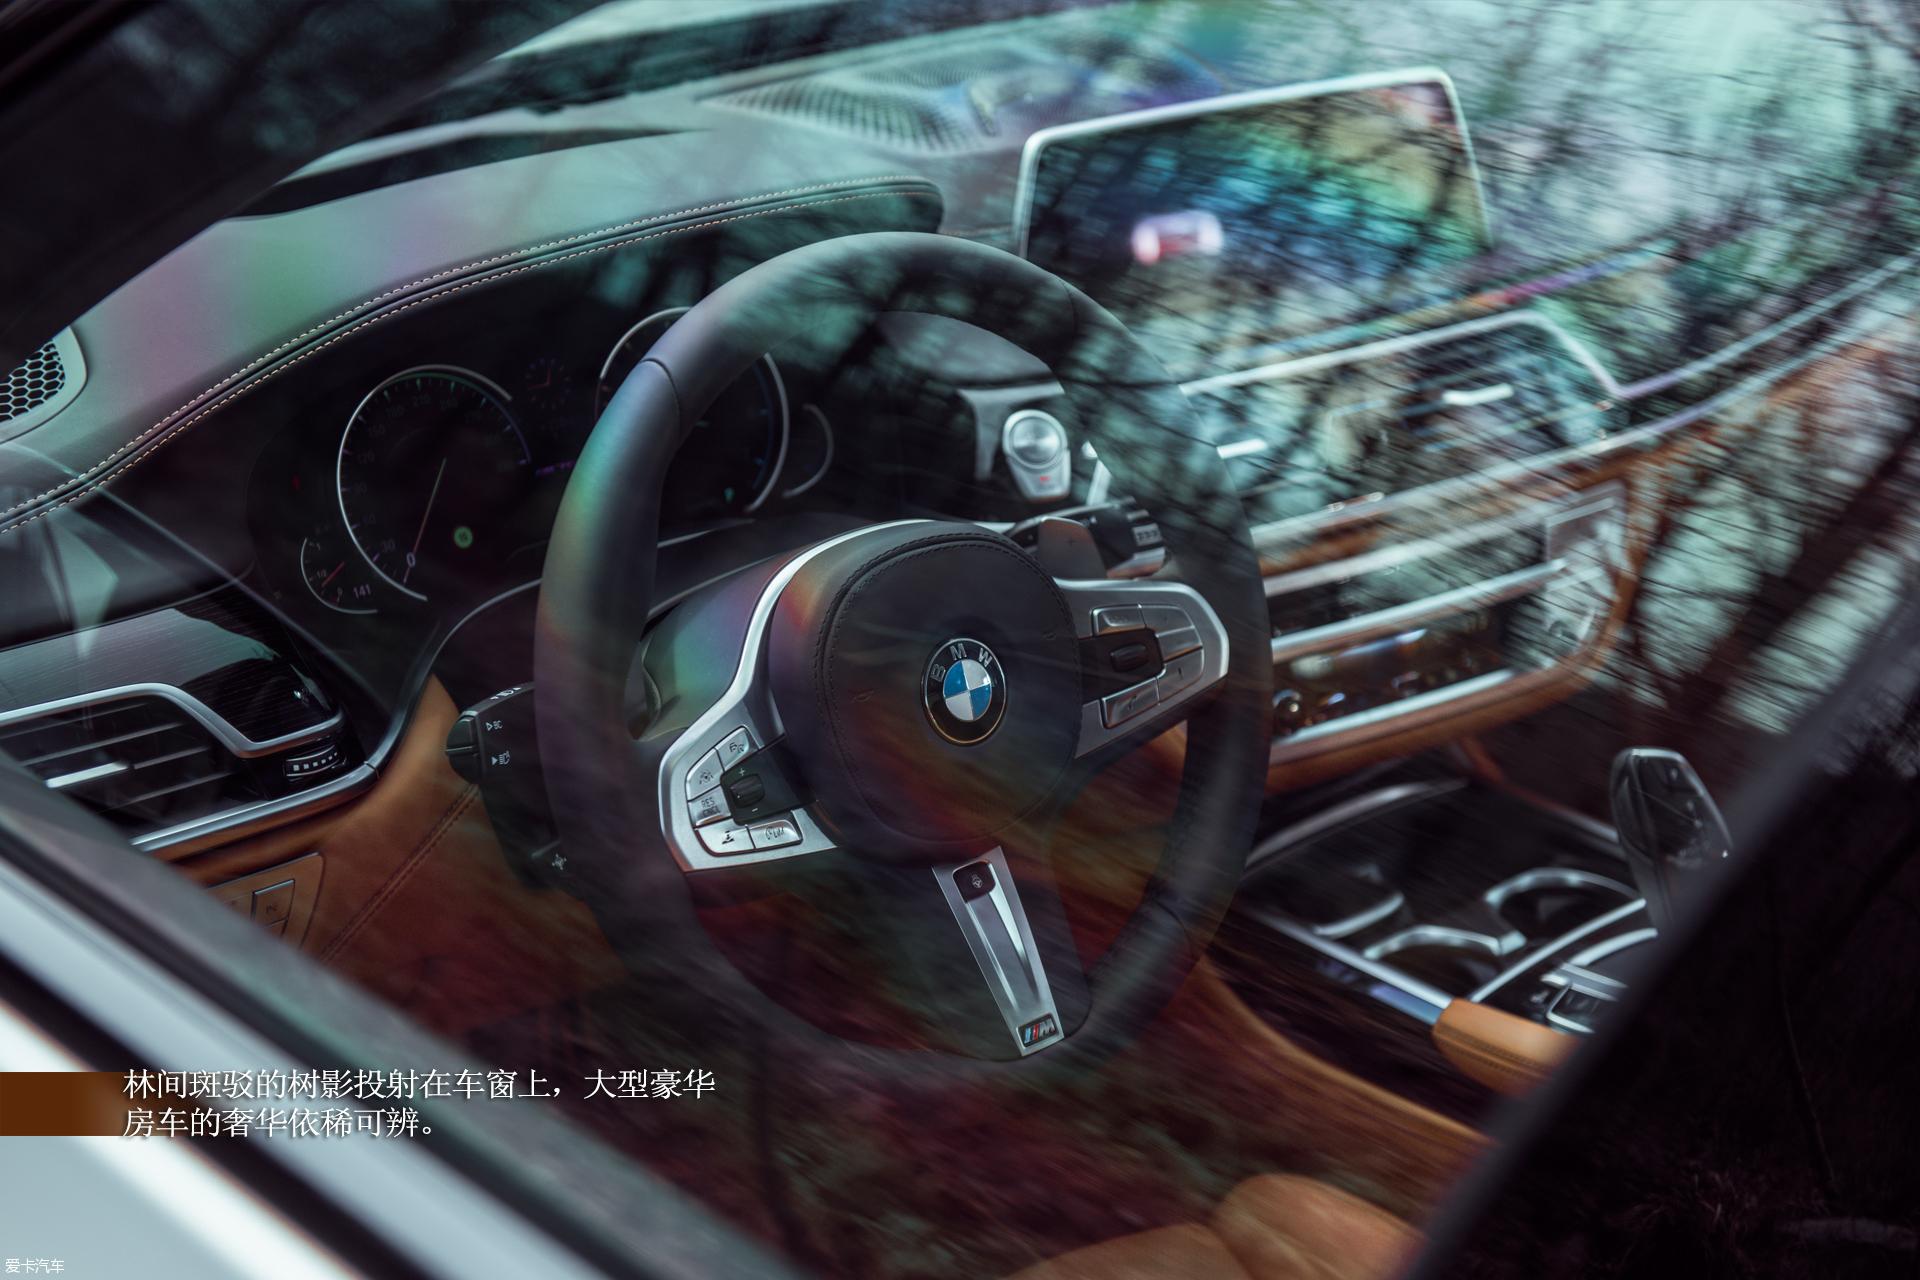 X-View47ÆÚ ¾ýÁÙÌìϱ¦ÂíM760Li xDrive20/23_°®¿¨Æû³µÍø